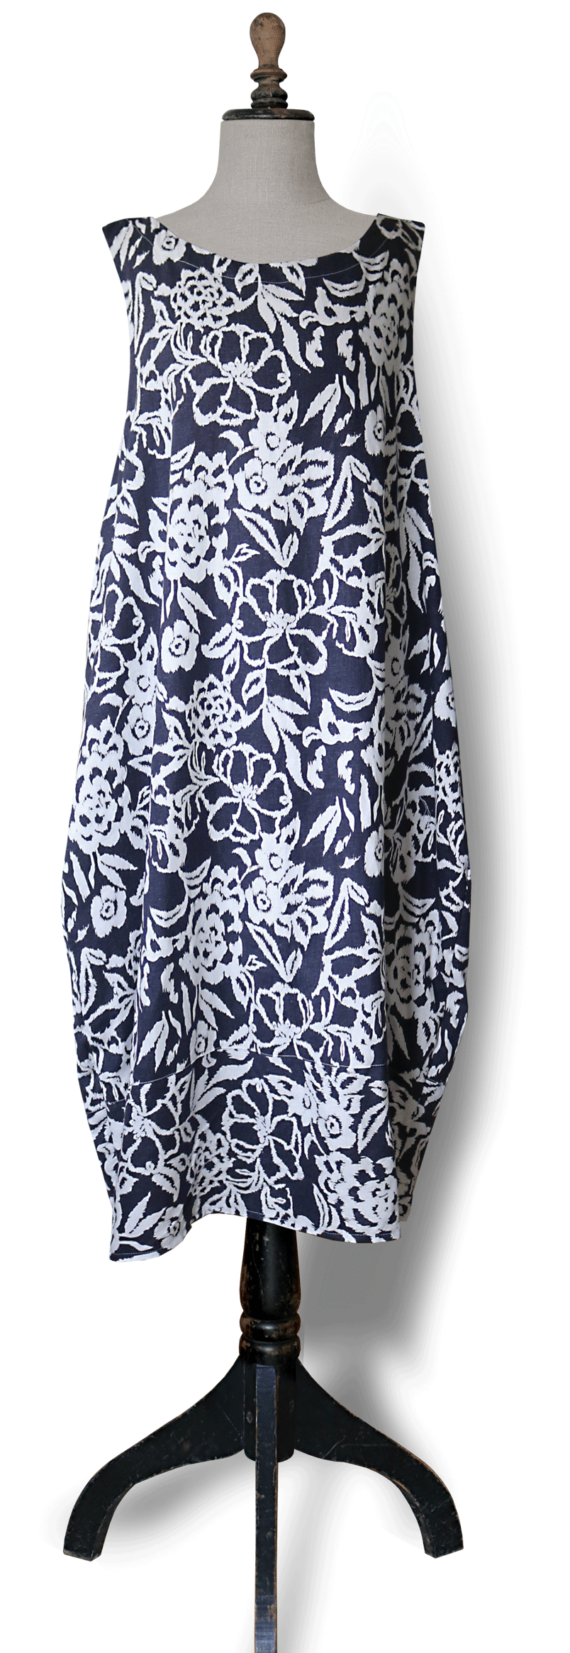 Cotton Maxi Dress Julie London Design